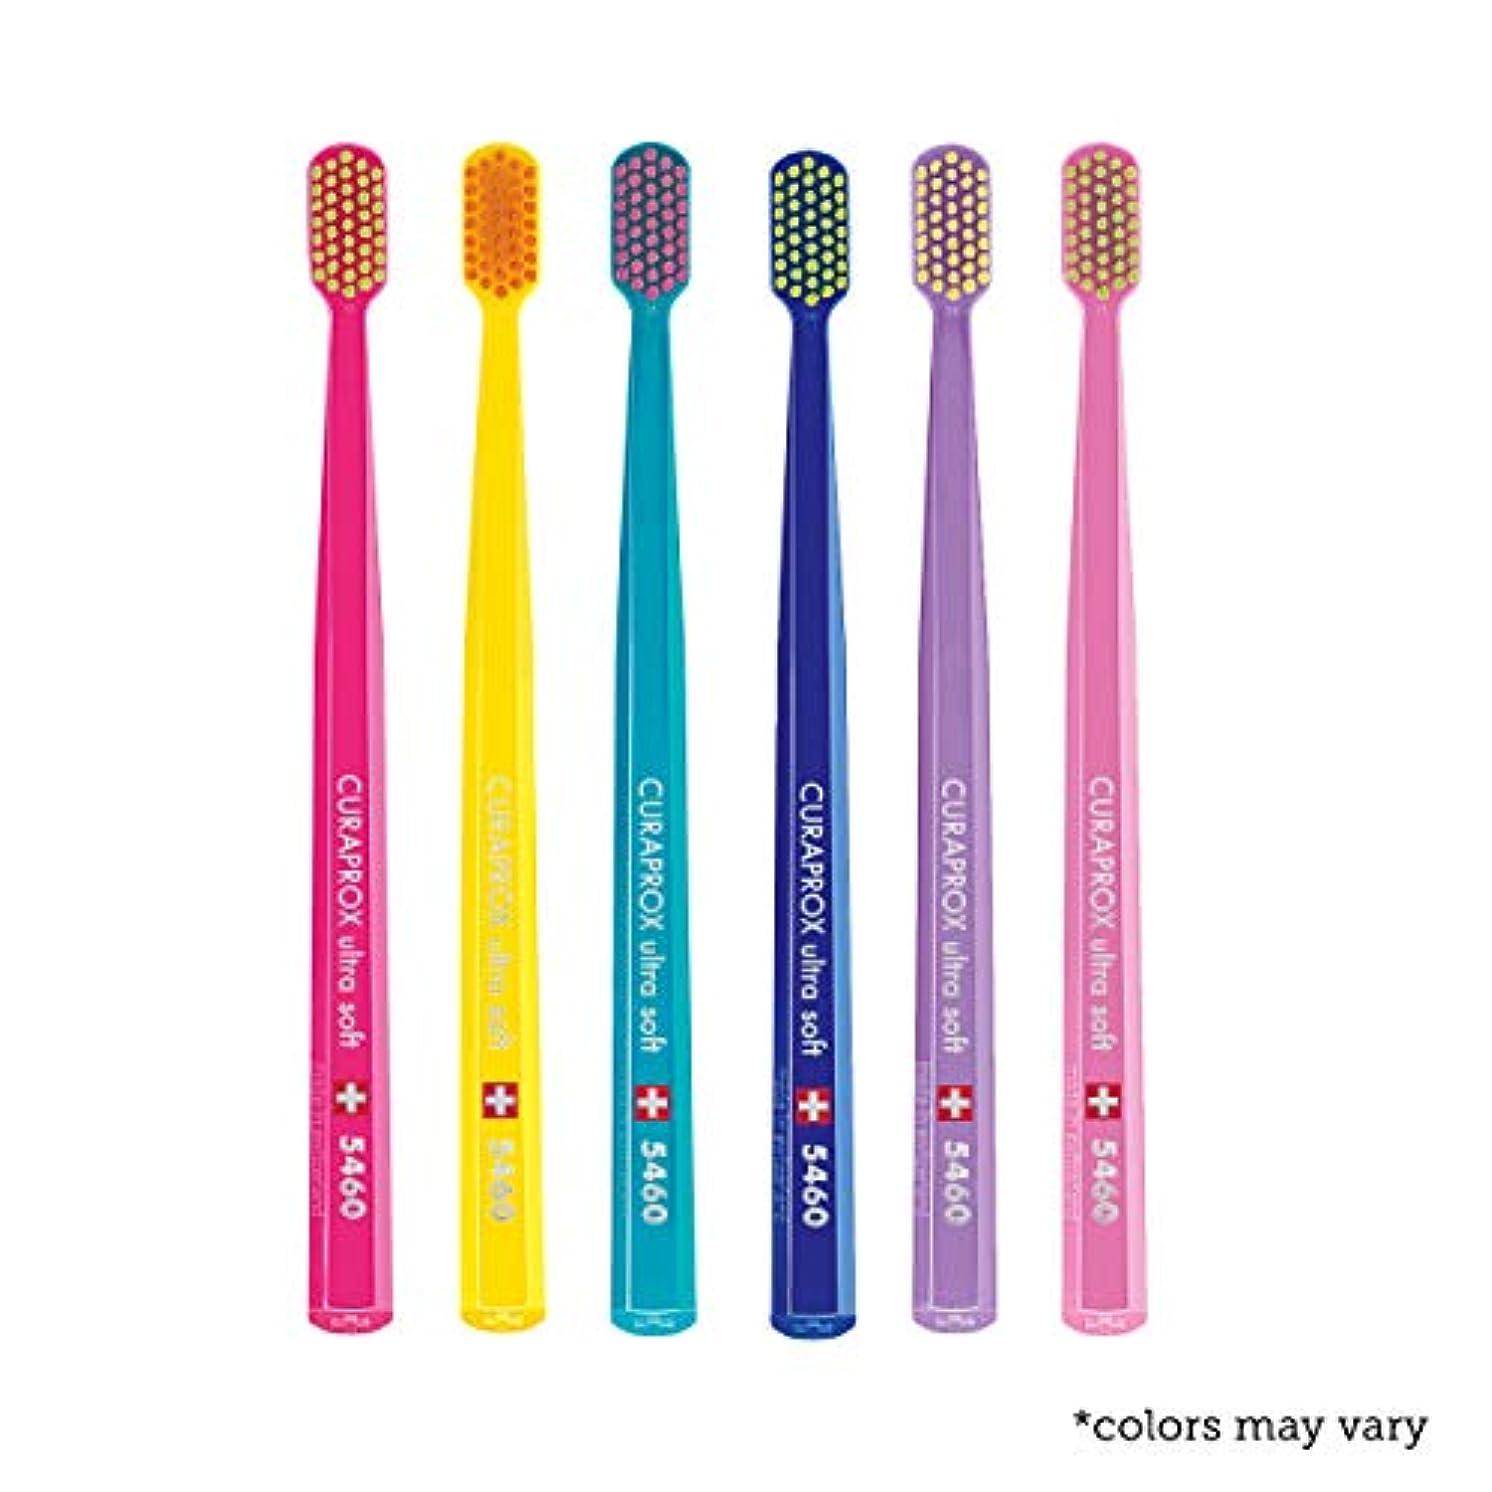 高齢者ラジウムウィンクUltra soft toothbrush, 6 brushes, Curaprox Ultra Soft 5460. Softer feeling & better cleaning, in amazing vivid...